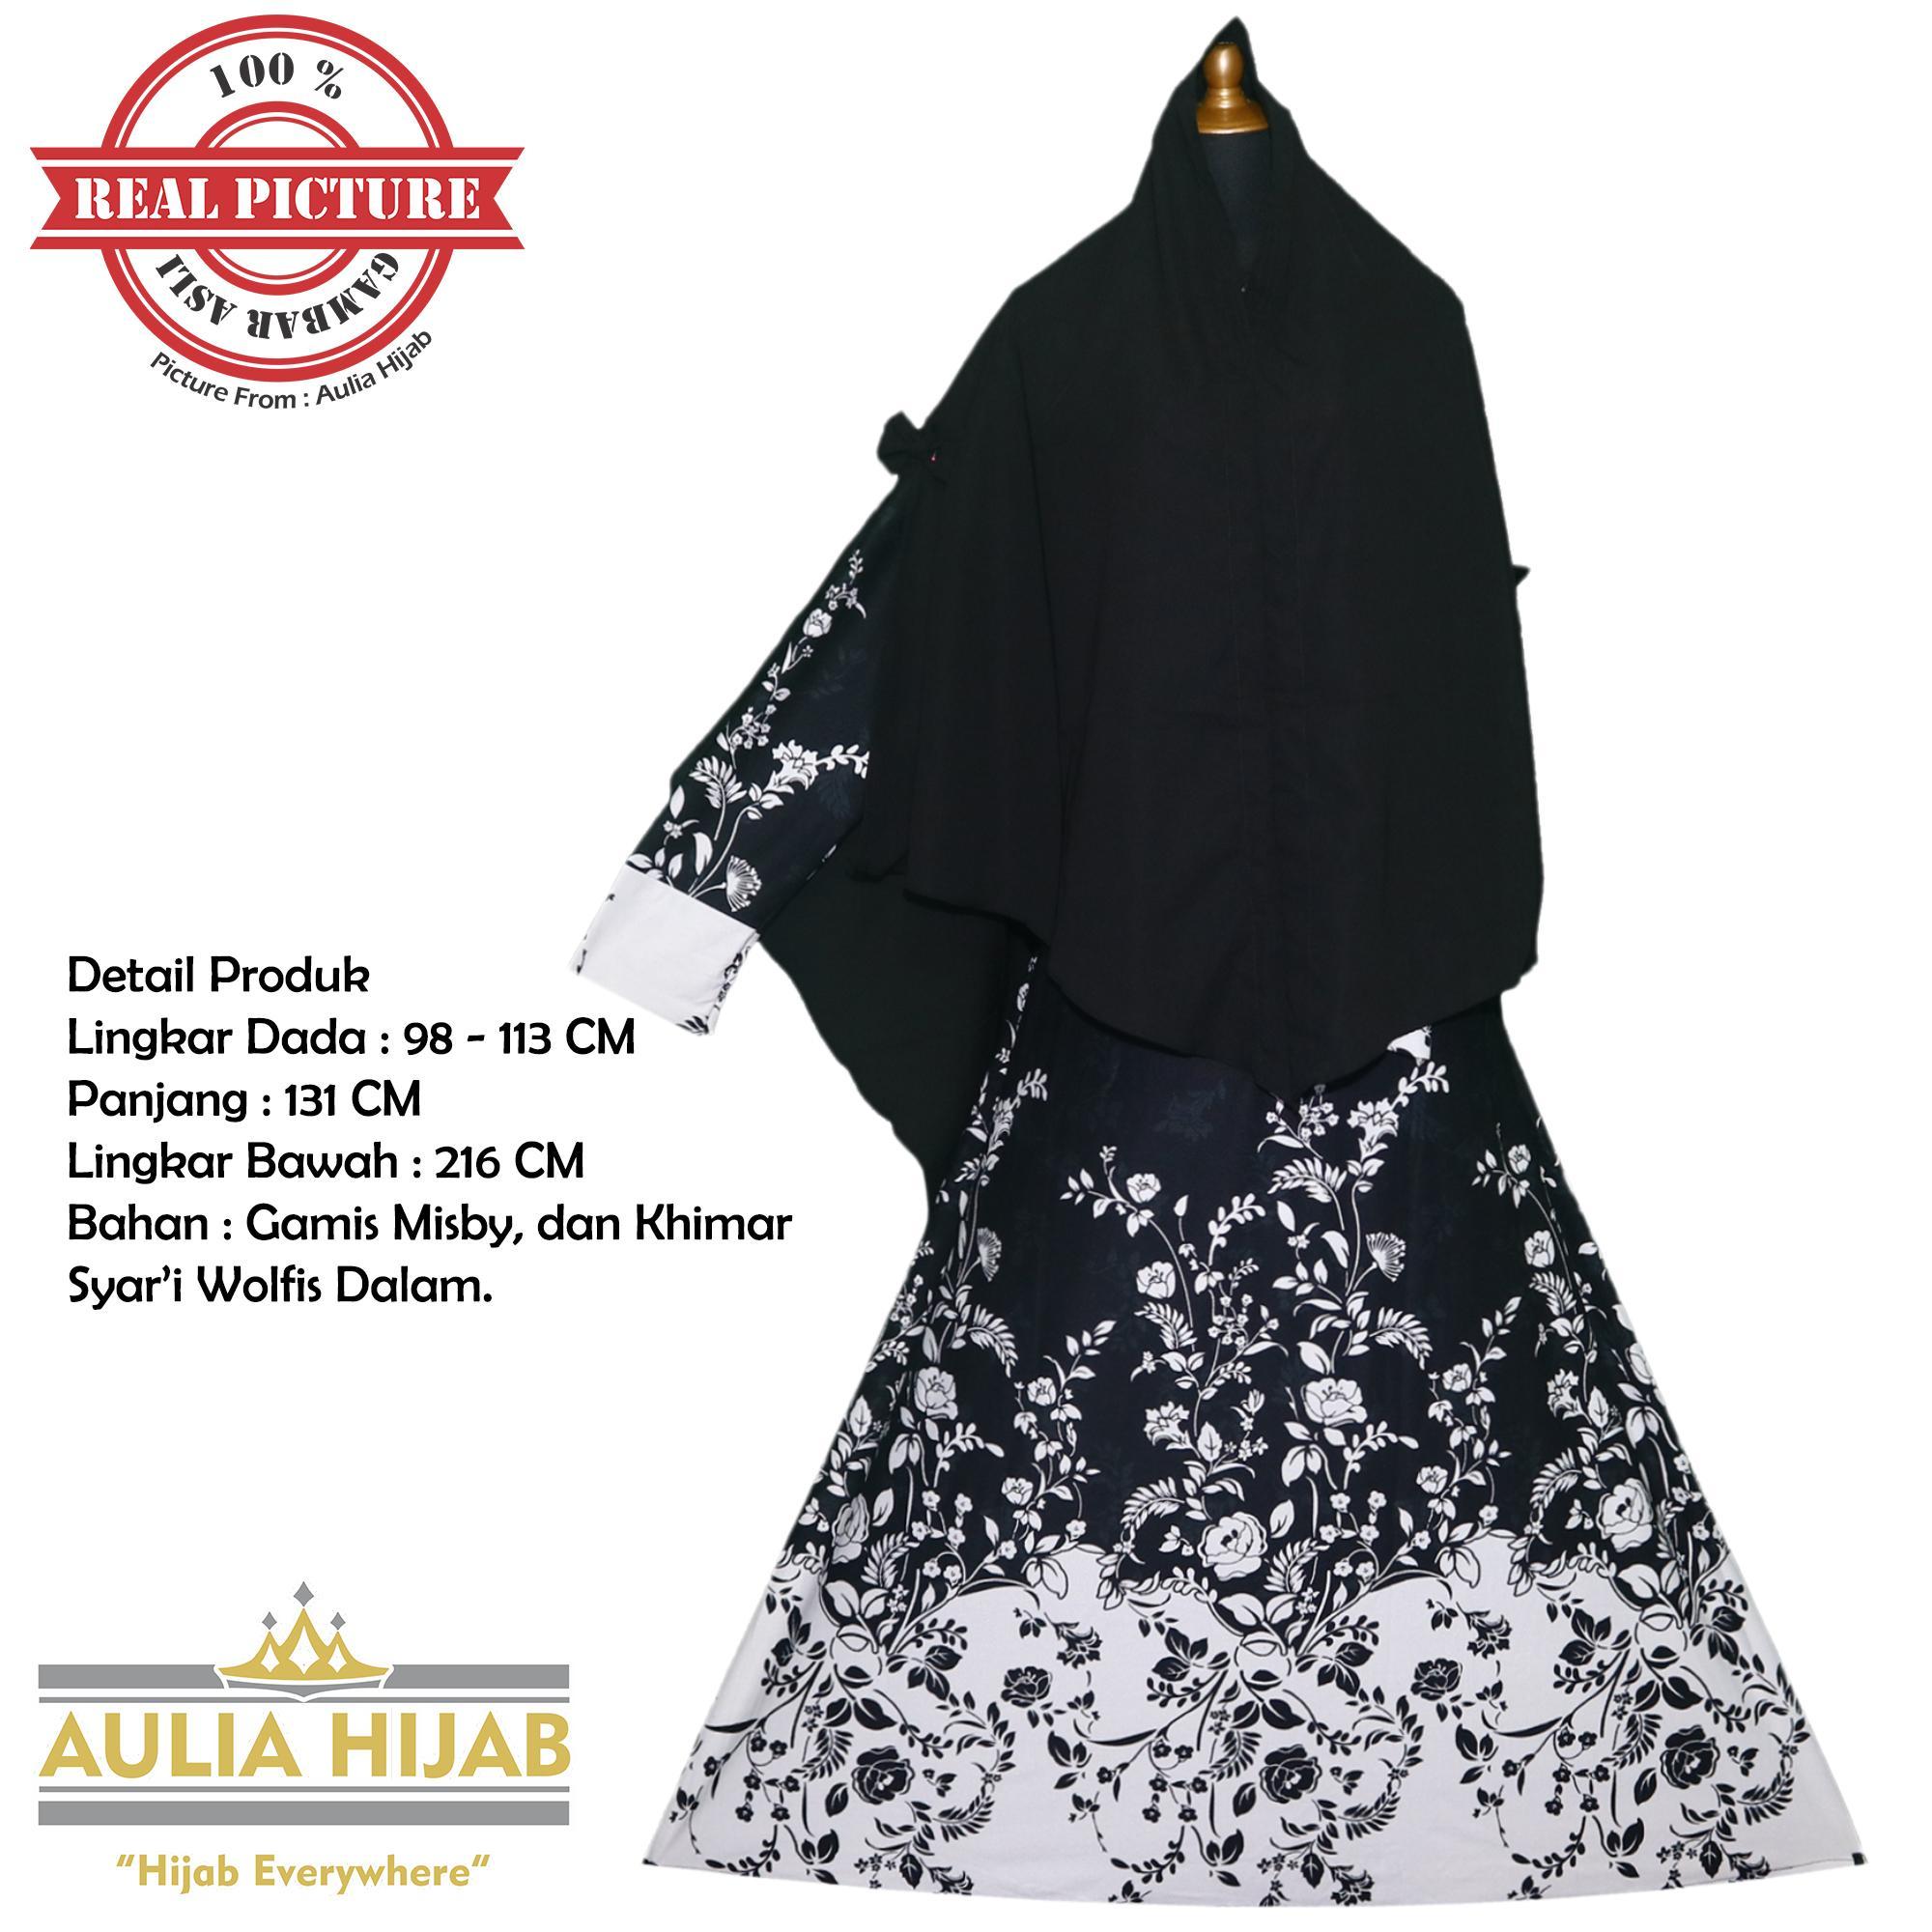 Aulia Hijab - New Cindy Syar'i INCLUDE KHIMAR JUMBO/Gamis Syar'i/Gamis Misby/Gamis Wolfis/Gamis Laser/Gamis Murah/Gamis Terbaru/Gamis Jilbab/Gamis Plus Jilbab/Gamis Jilbab Panjang/Gamis Plus Khimar/Gamis Pesta/Gamis Cantik